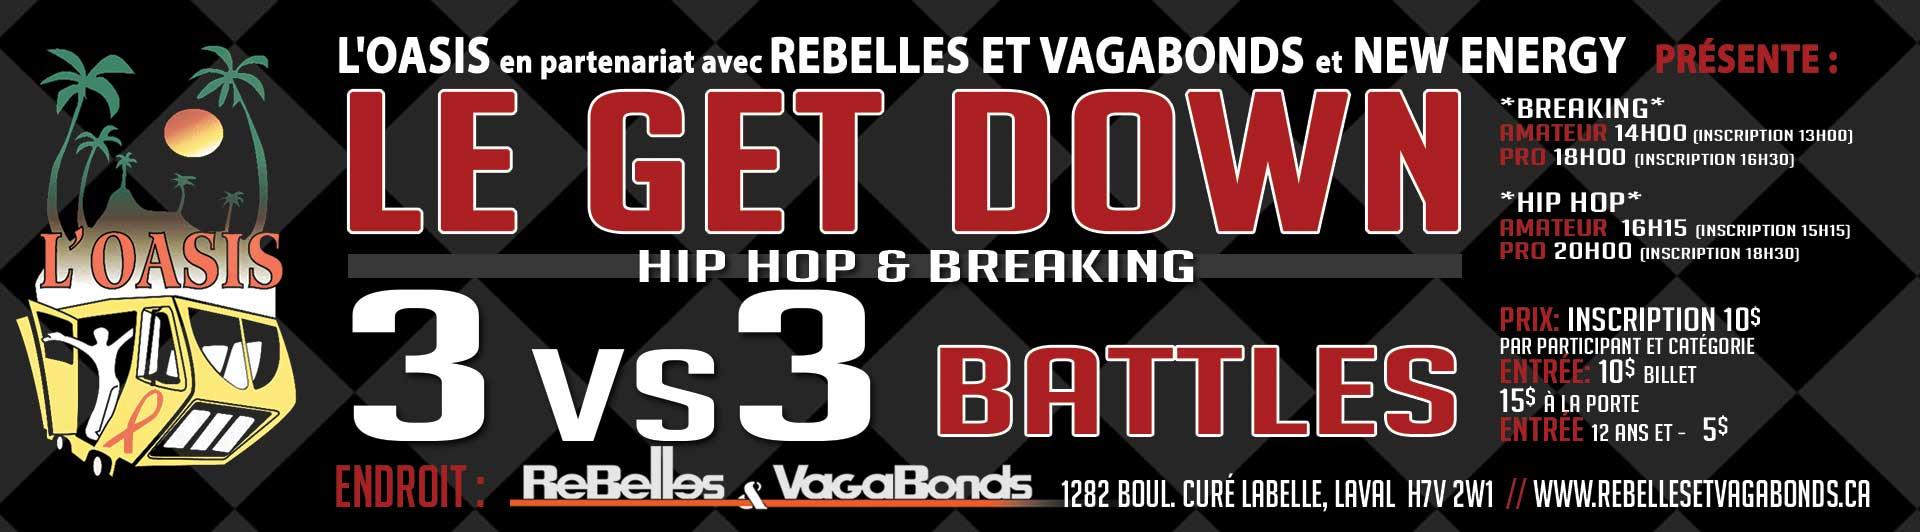 L'OASIS présente Le « Get Down » en partenariat avec Rebelles et Vagabonds